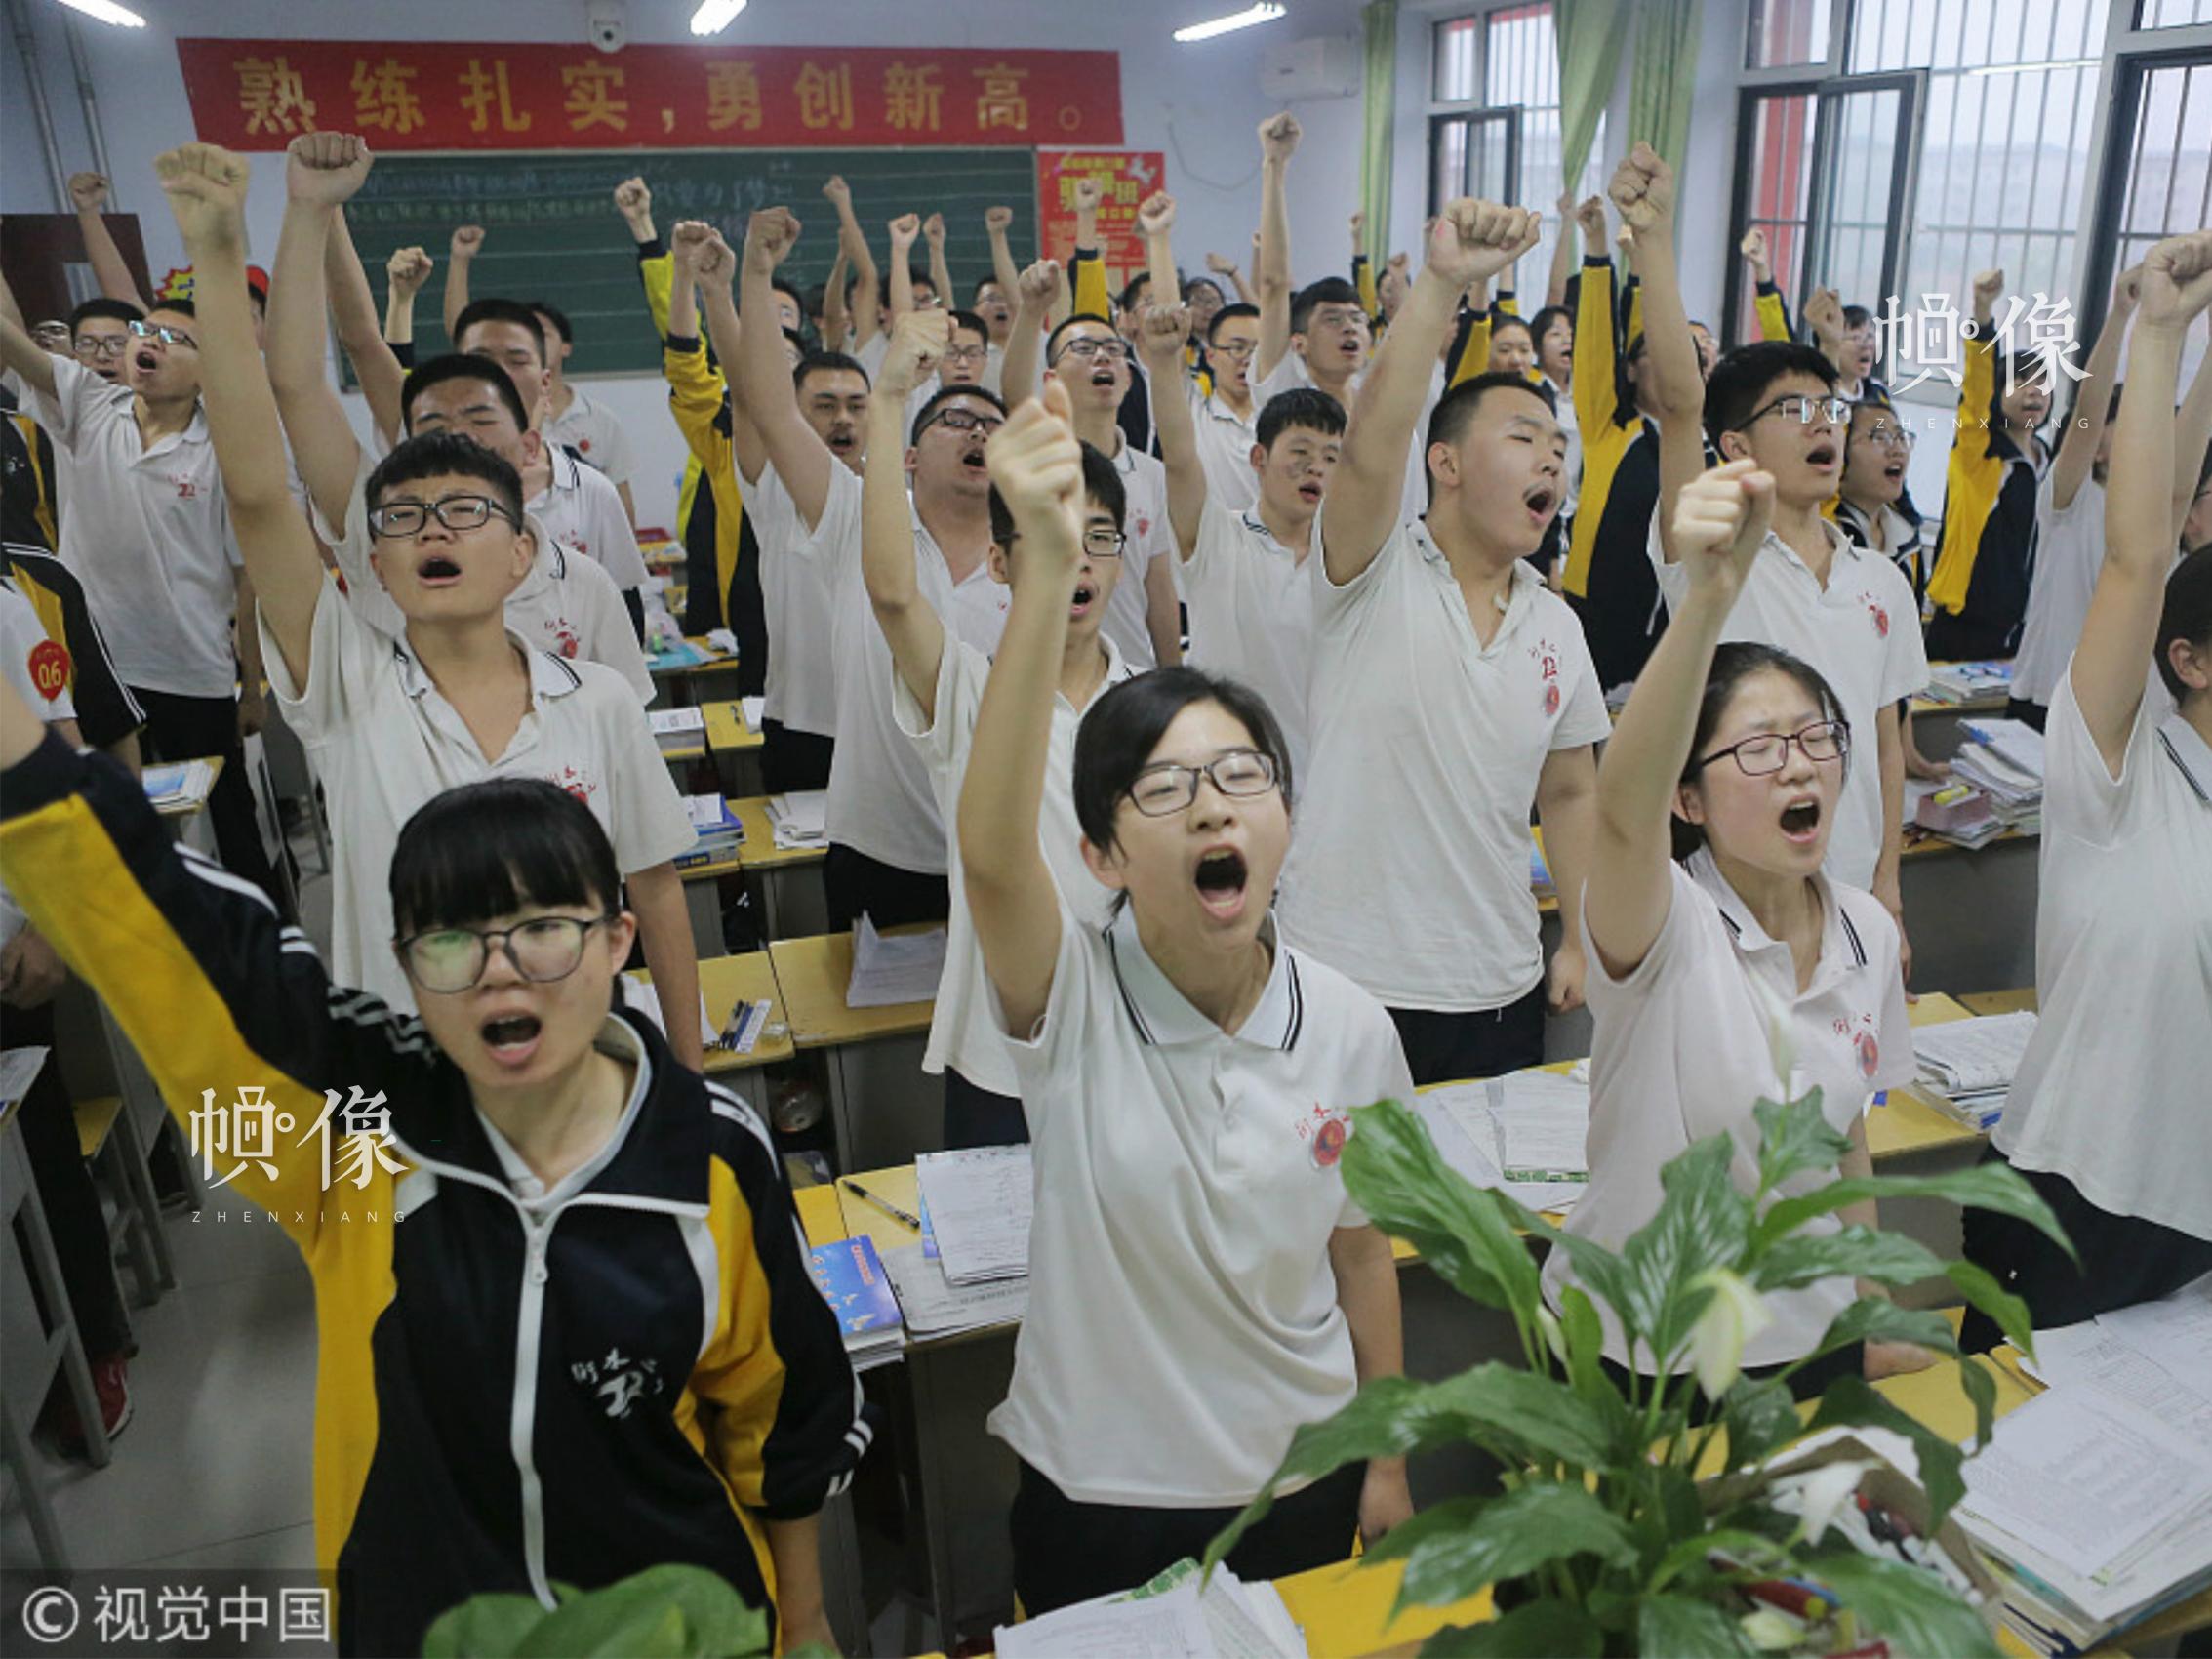 2018年05月06日,河北衡水二中的高三学生在进行课前宣誓,这是这所学校所有年级每个班每天都会进行的功课,这种方式既可以宣泄压力,又可以振奋精神。图片来源:视觉中国